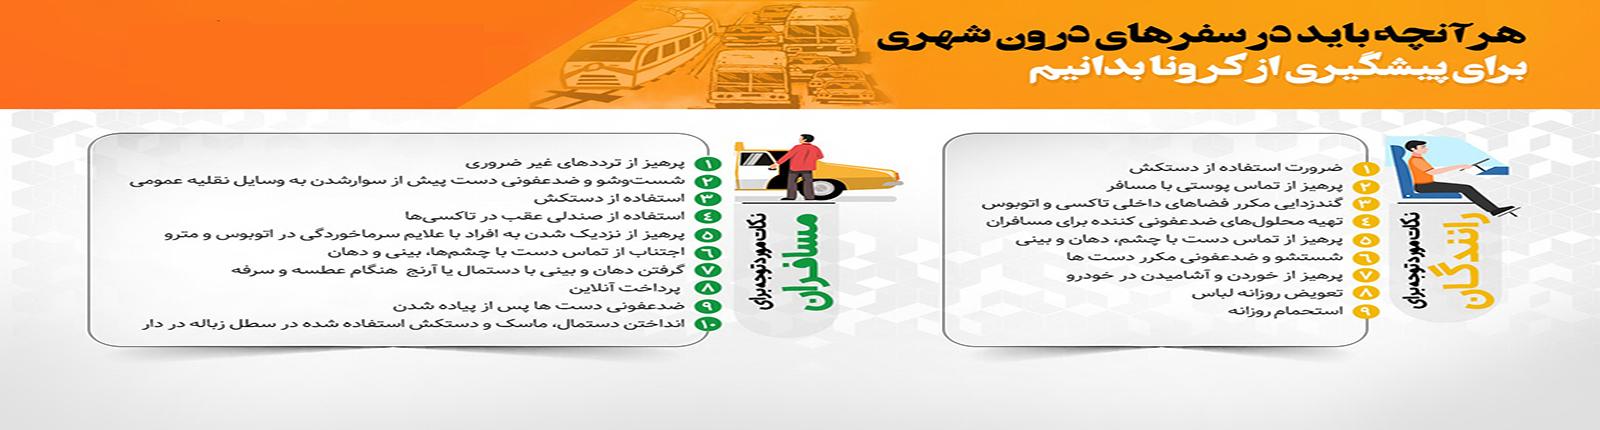 taxi_534132